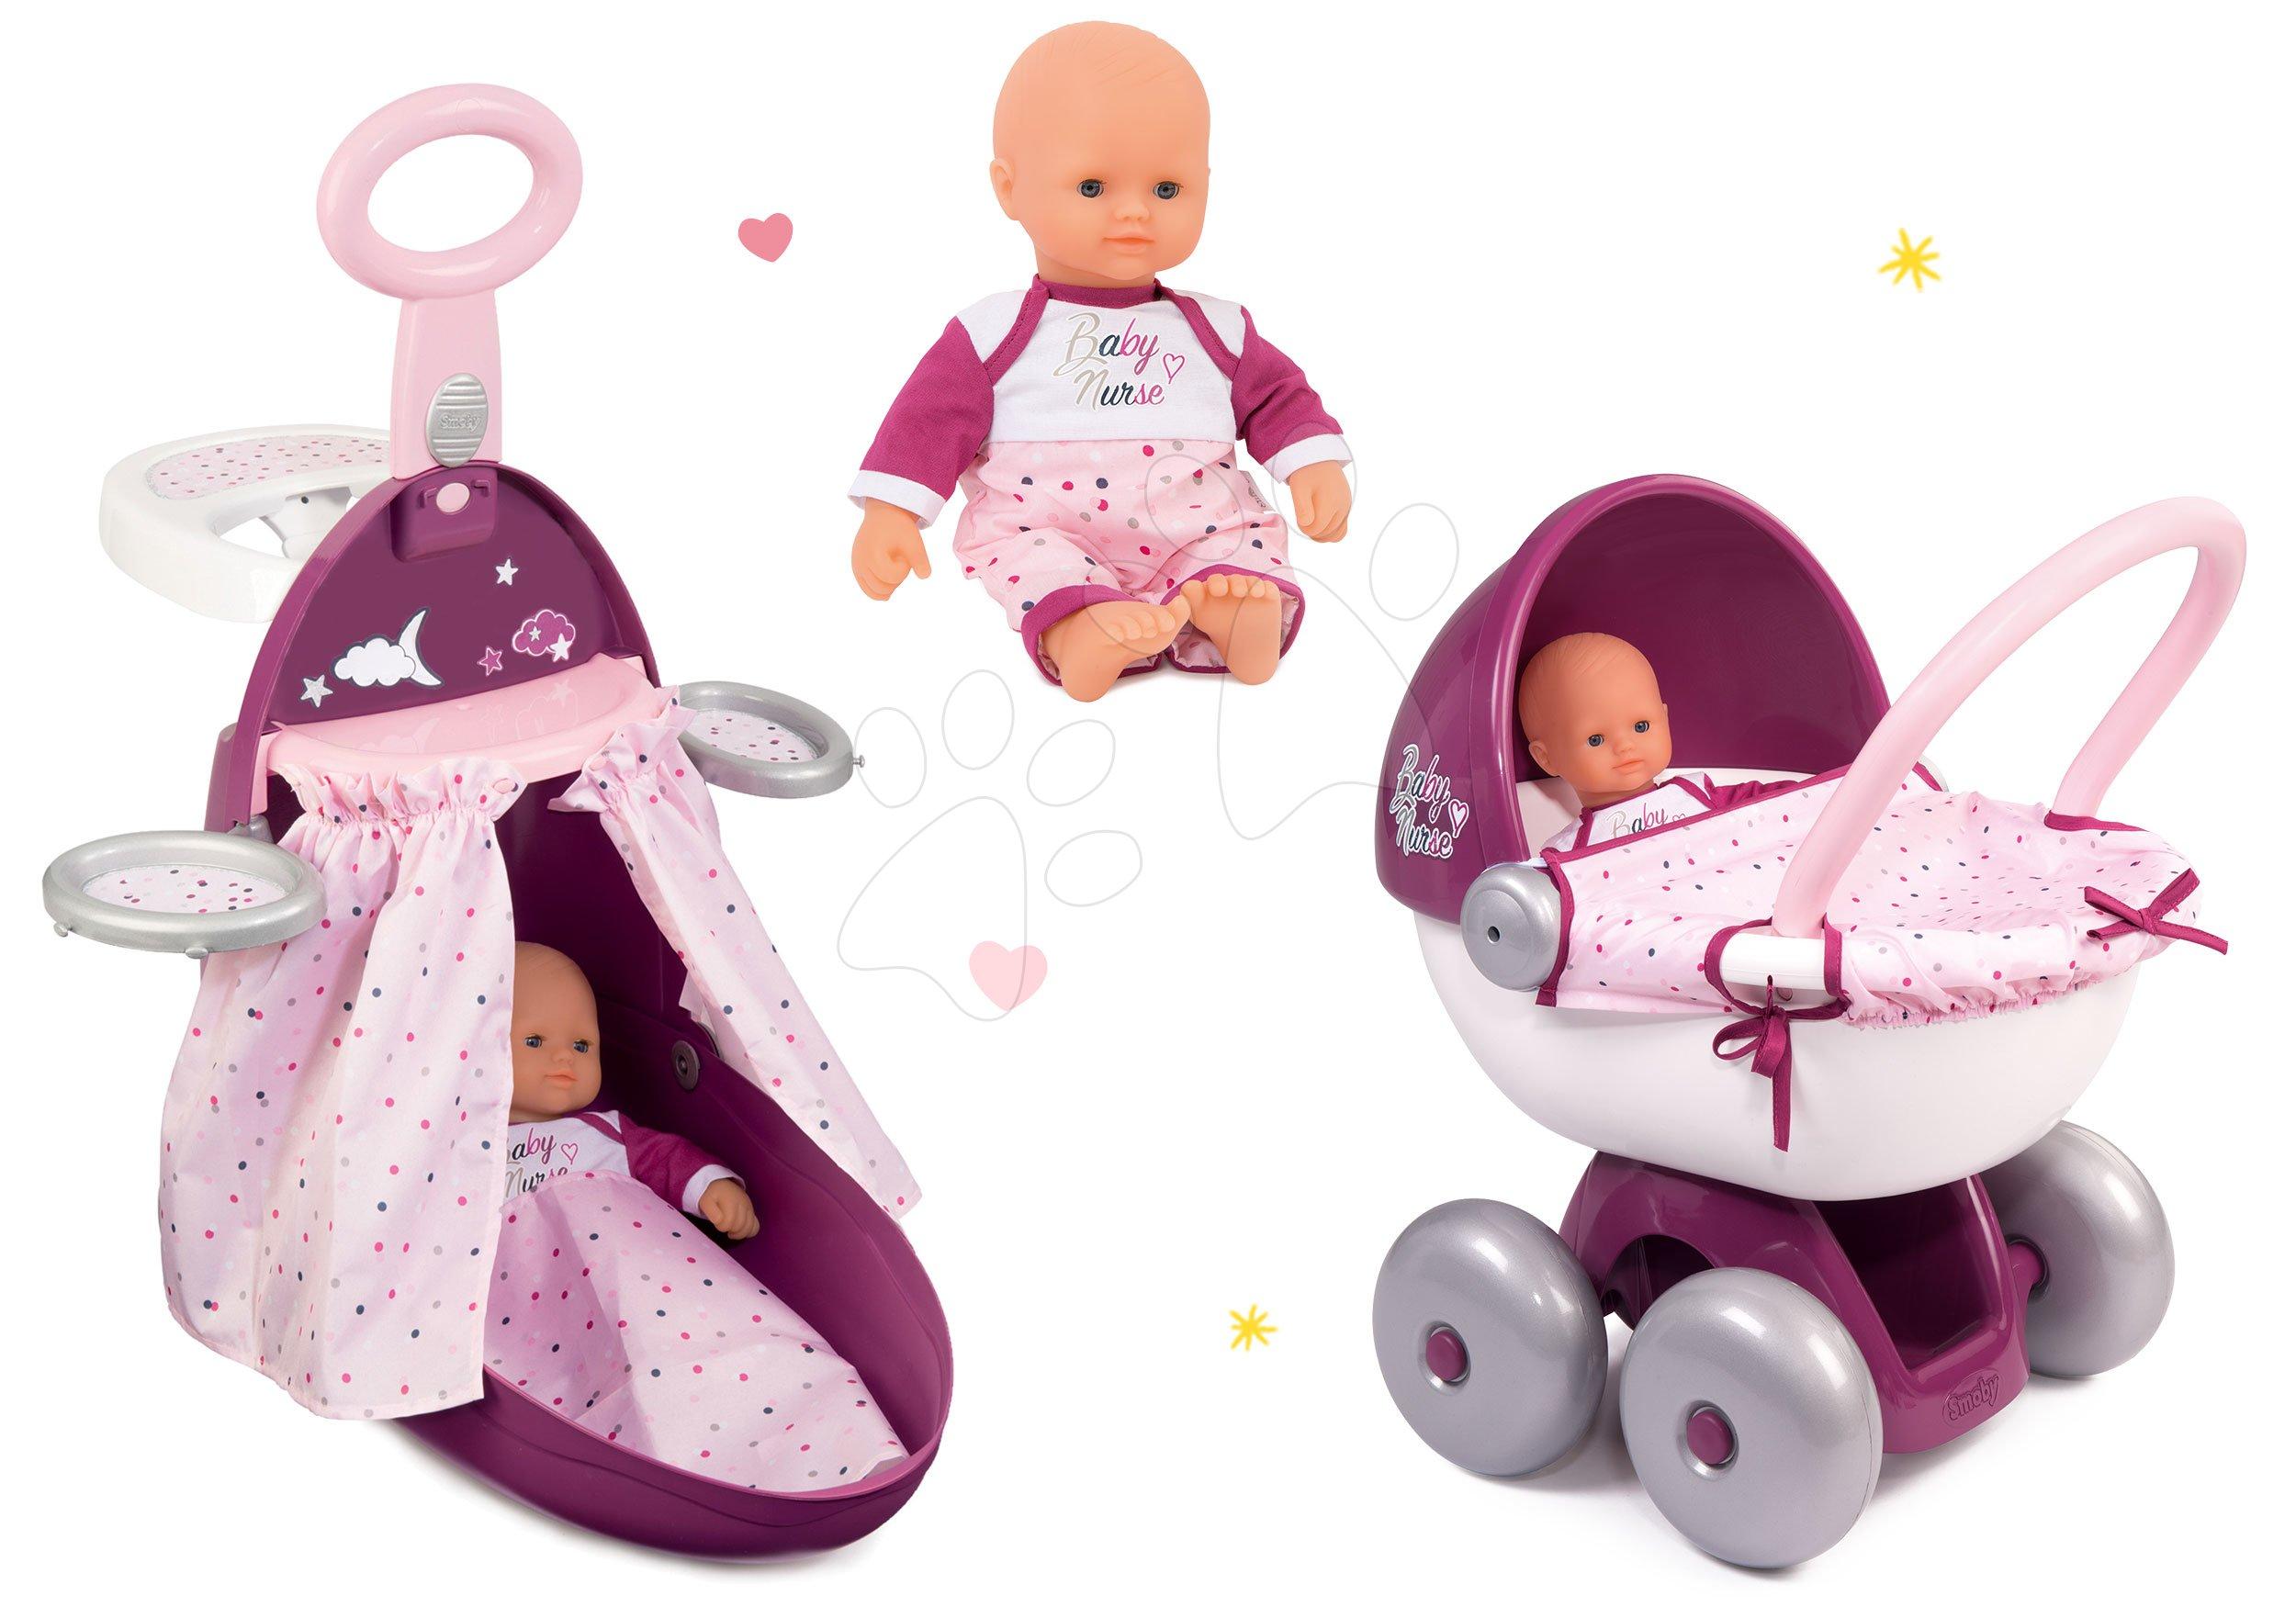 Set přebalovací vozík Baby Nurse Zlatá edice Smoby s postýlkou, panenka 32 cm a hluboký kočárek od 18 měsíců